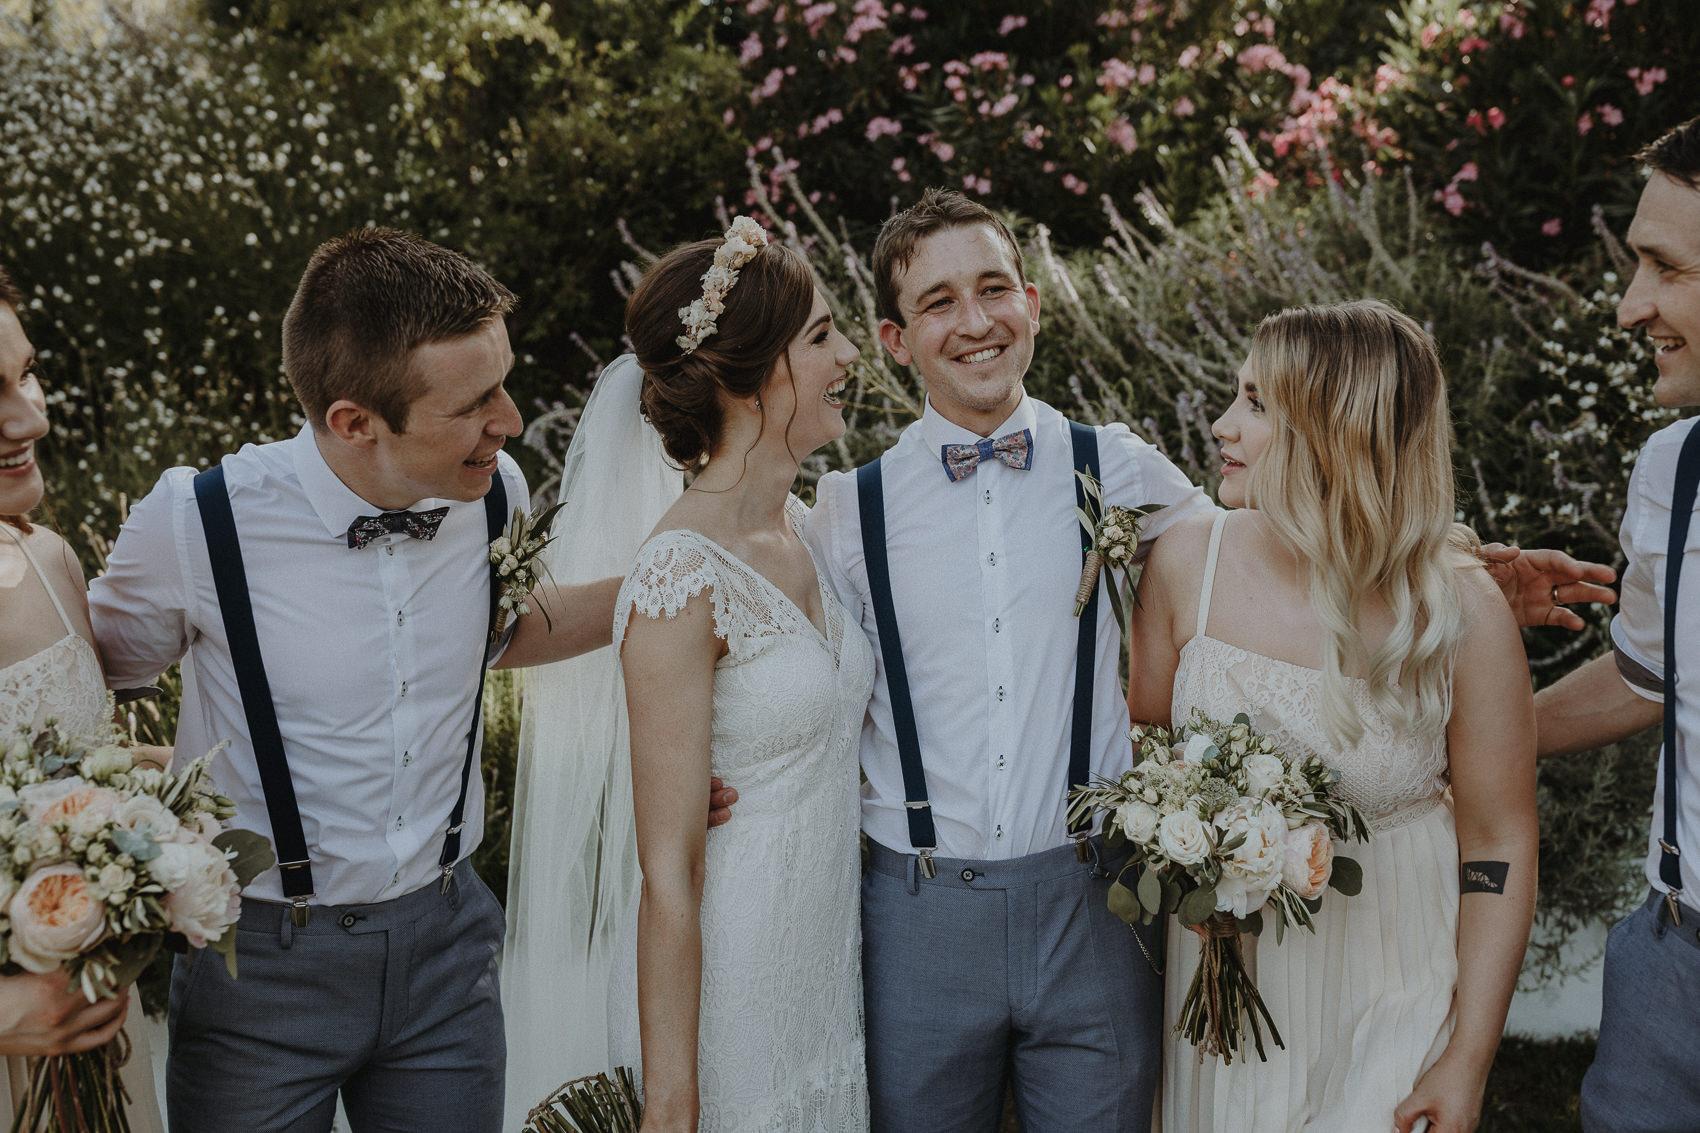 Sarah & Bill | Summer wedding at Cortijo Rosa Blanca | Marbella - Spain 102